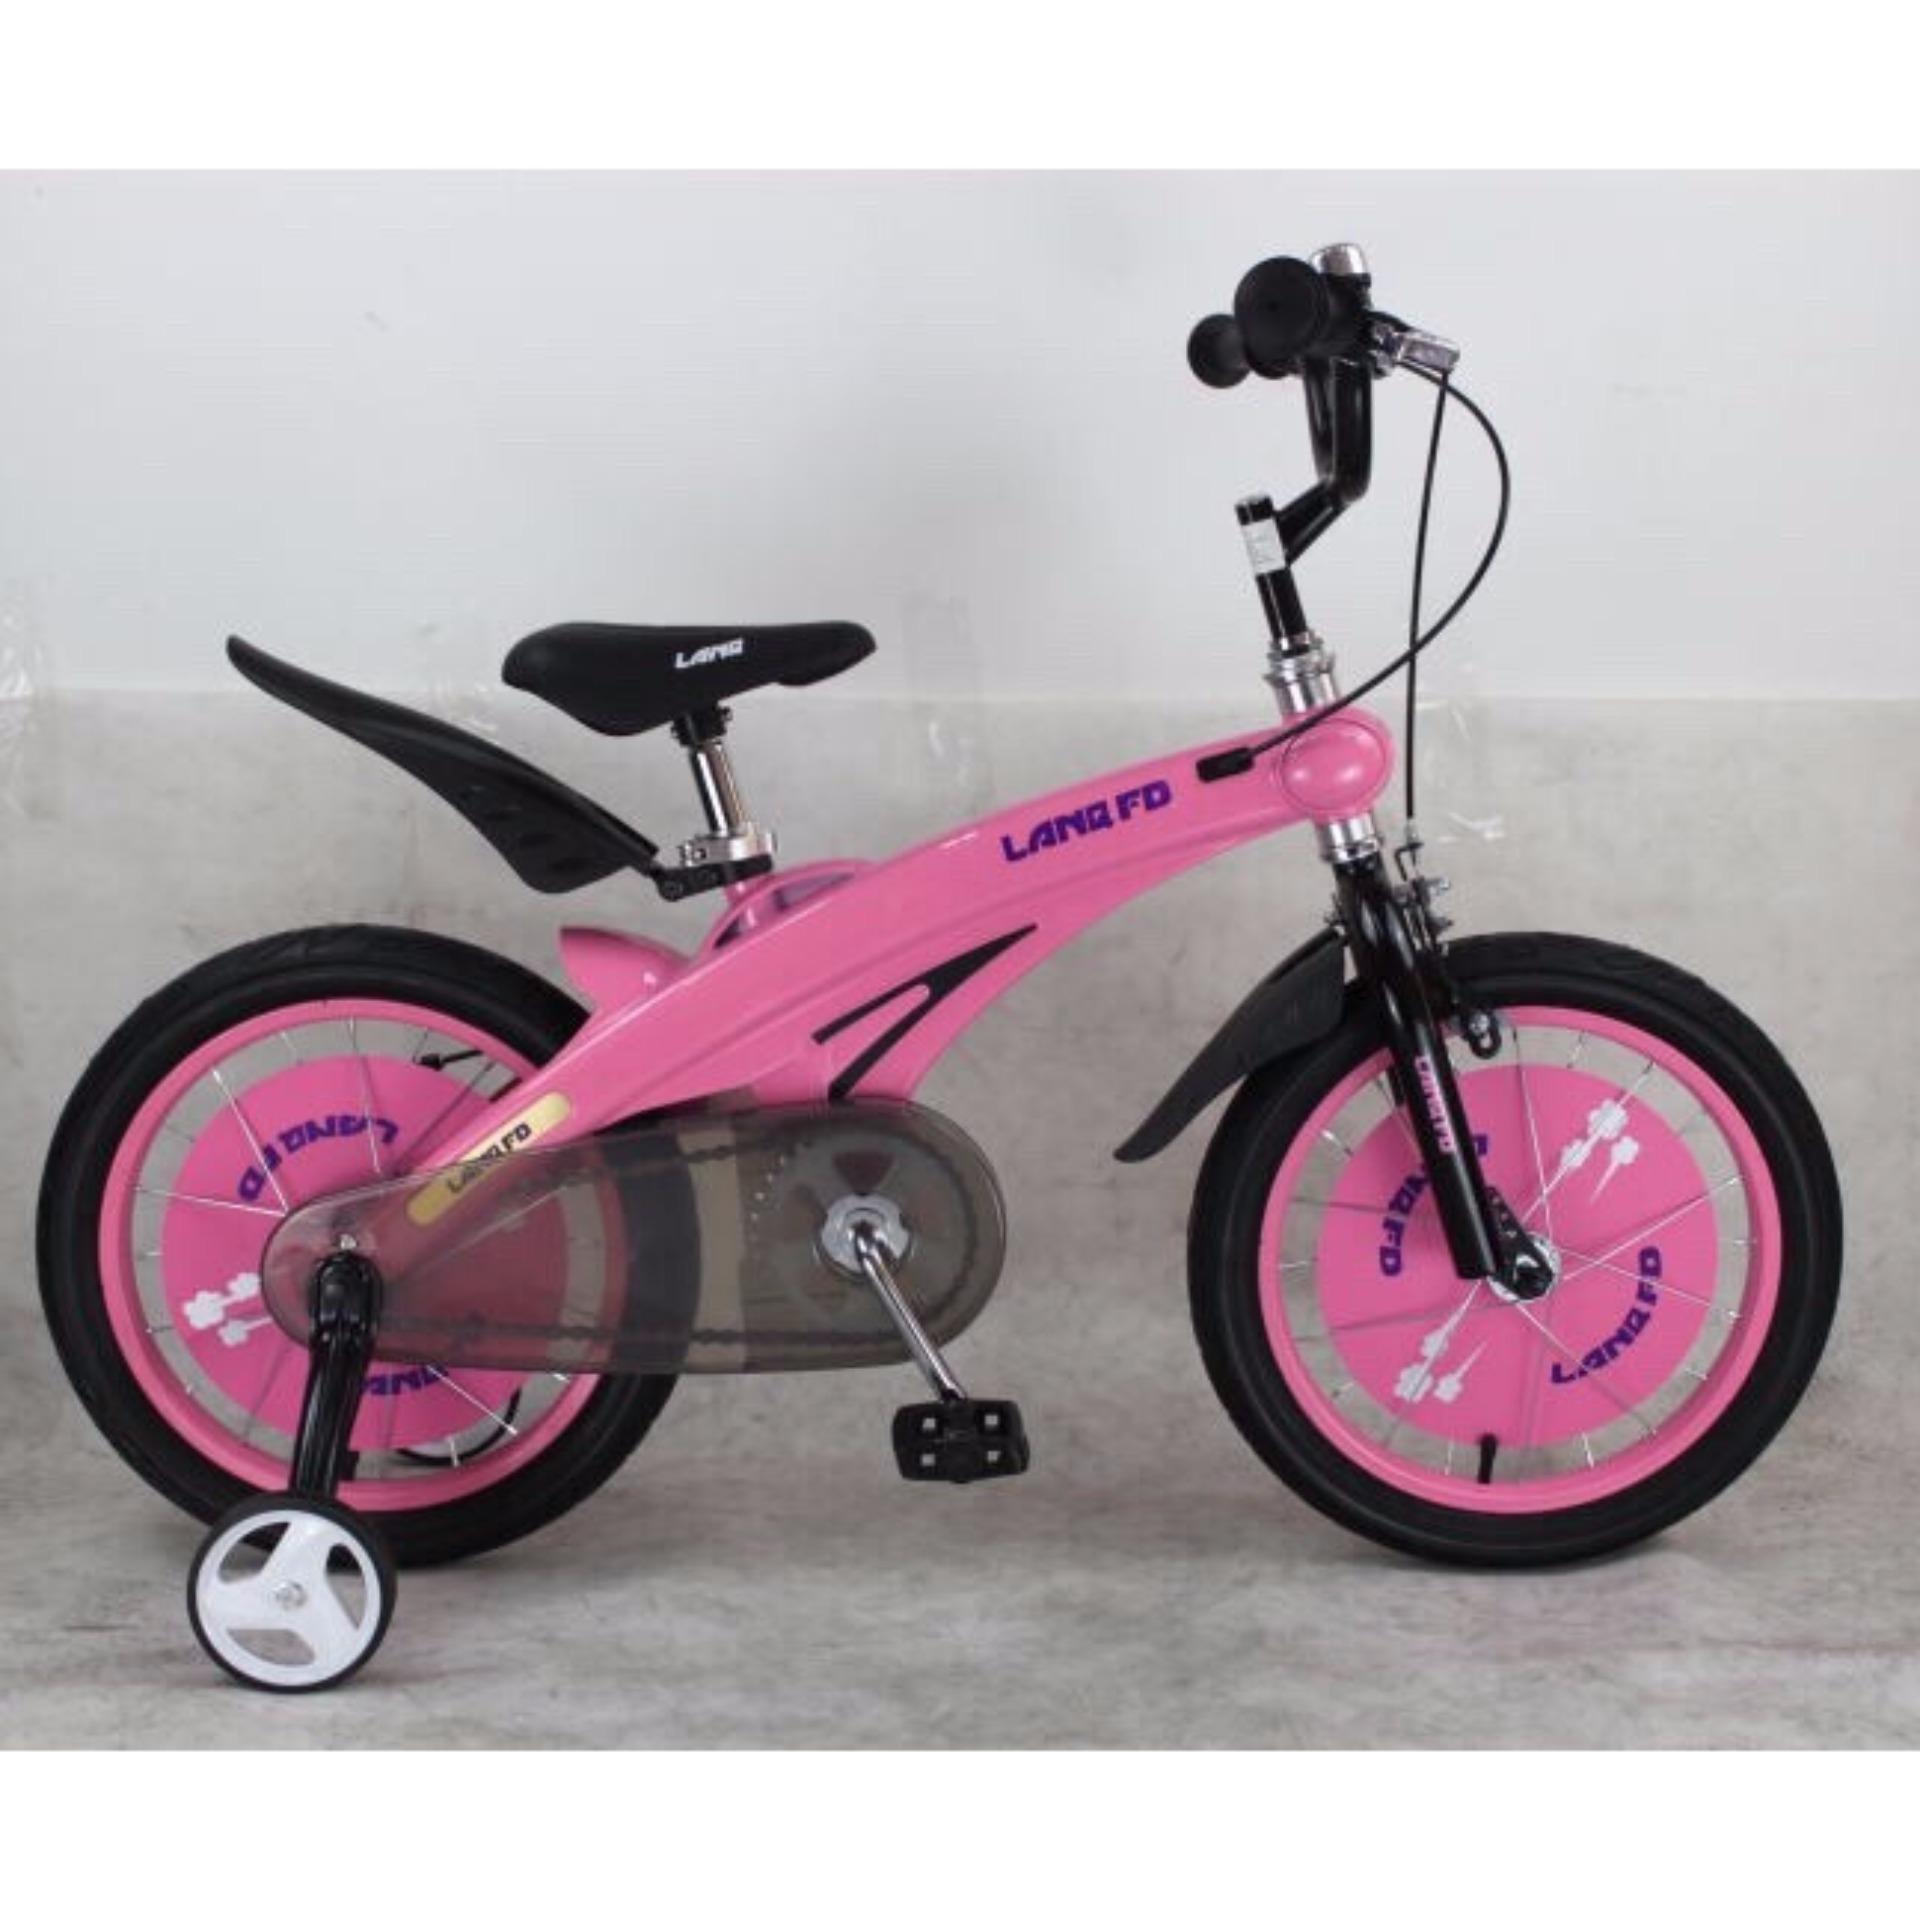 Xe đạp trẻ em LANQ FD1439 2017 (Hồng)